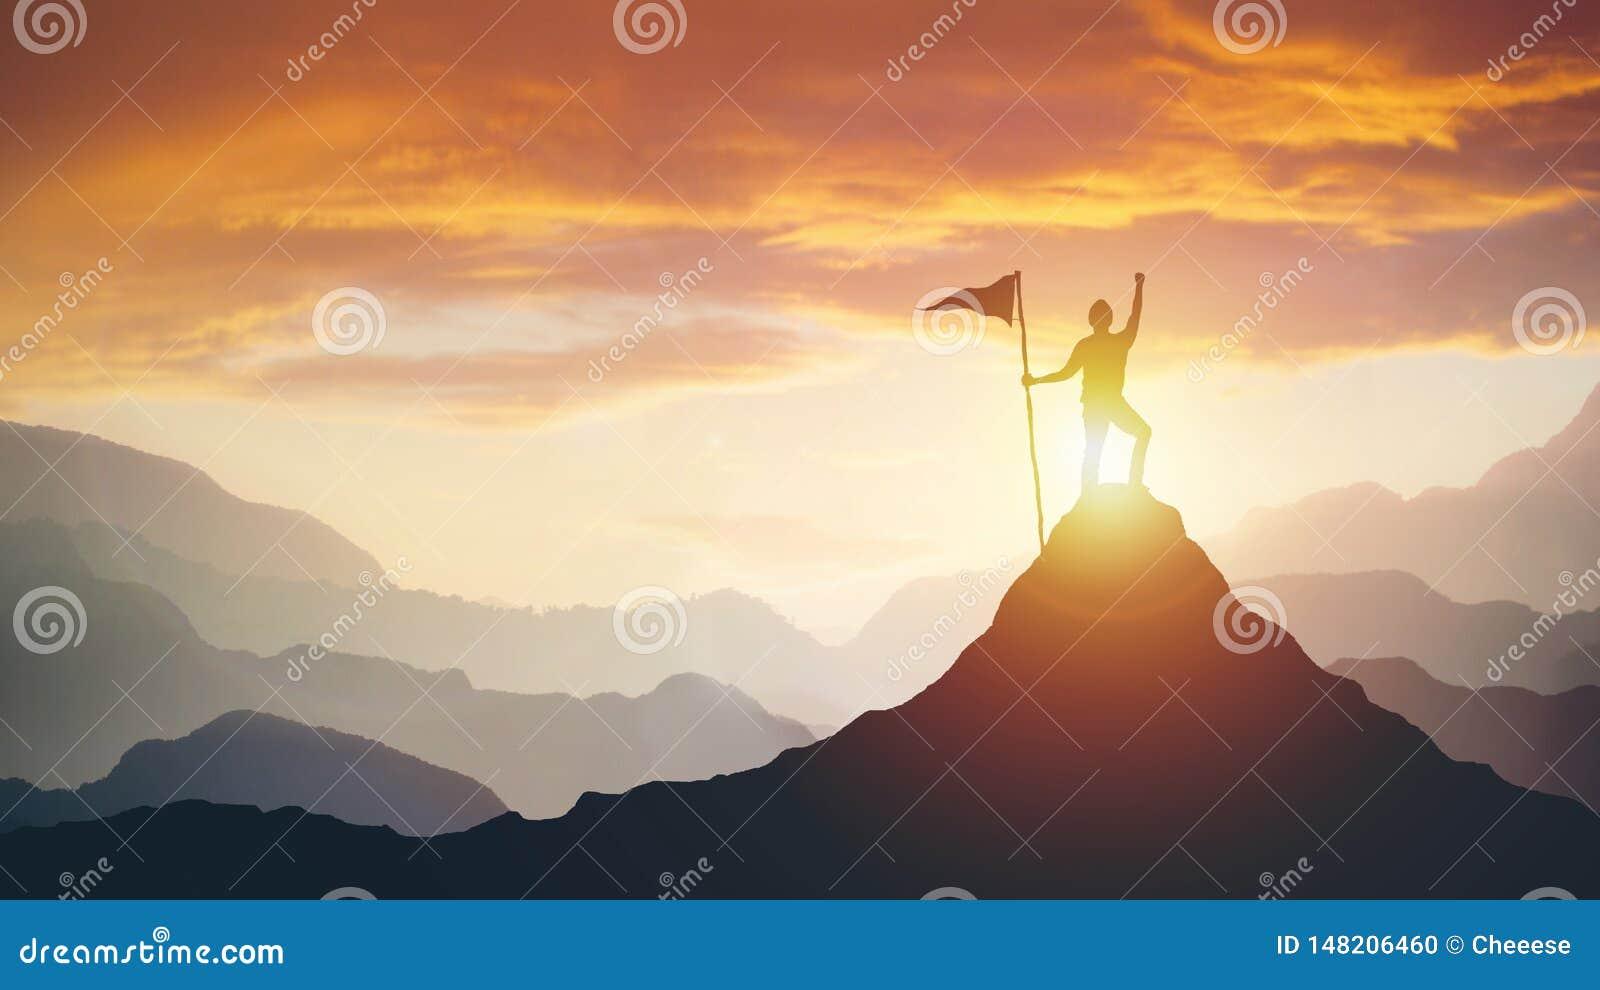 Silueta del hombre de negocios con la bandera en el top de la montaña sobre fondo de la luz del cielo y del sol